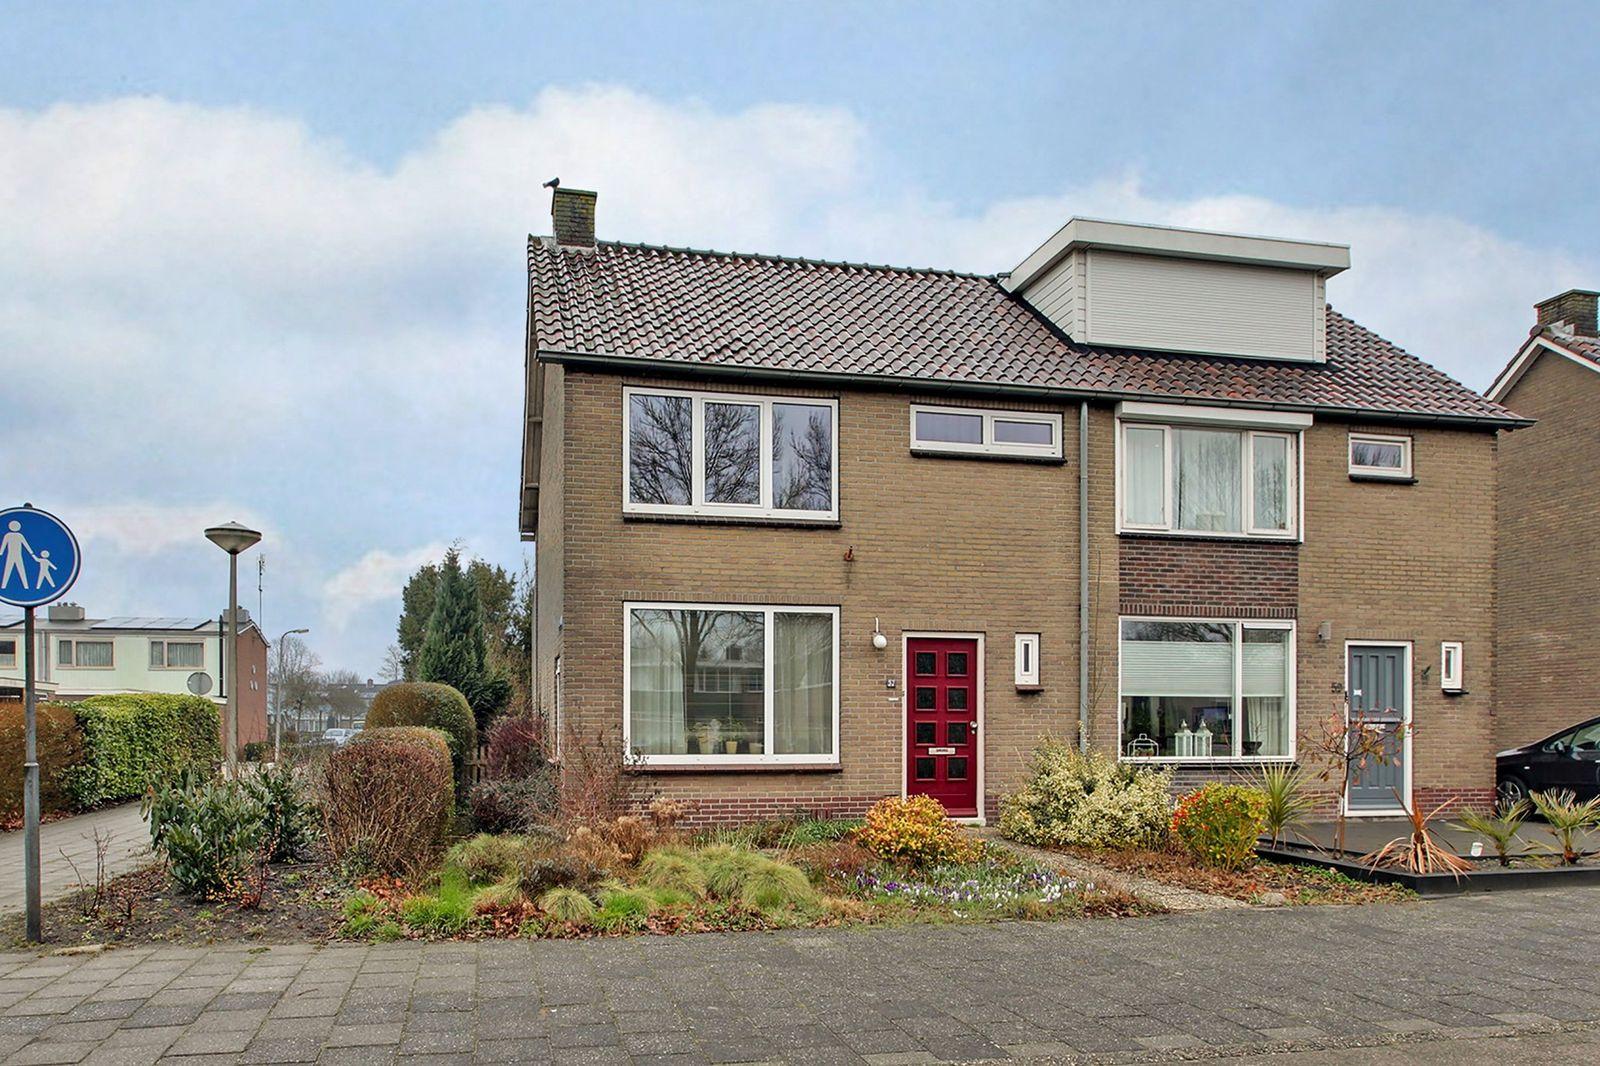 Boekweitlaan 57, Hoogeveen